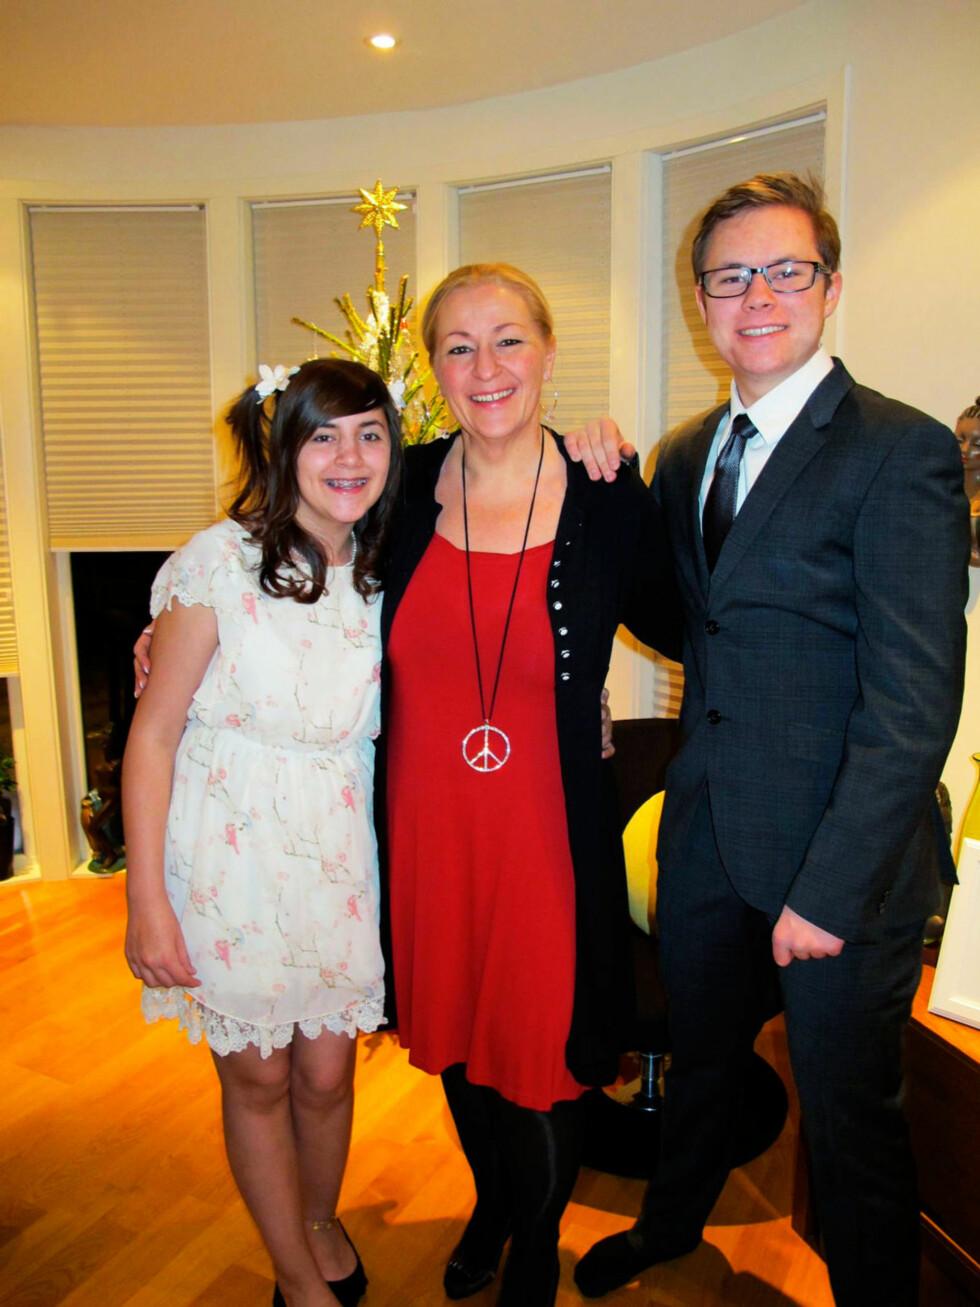 STØTTE: - Jeg var redd for ikke å få se mine egne barn vokse opp. Maia (13) og Bjørn-Marius (19) var min motivasjon, sier Heidi.